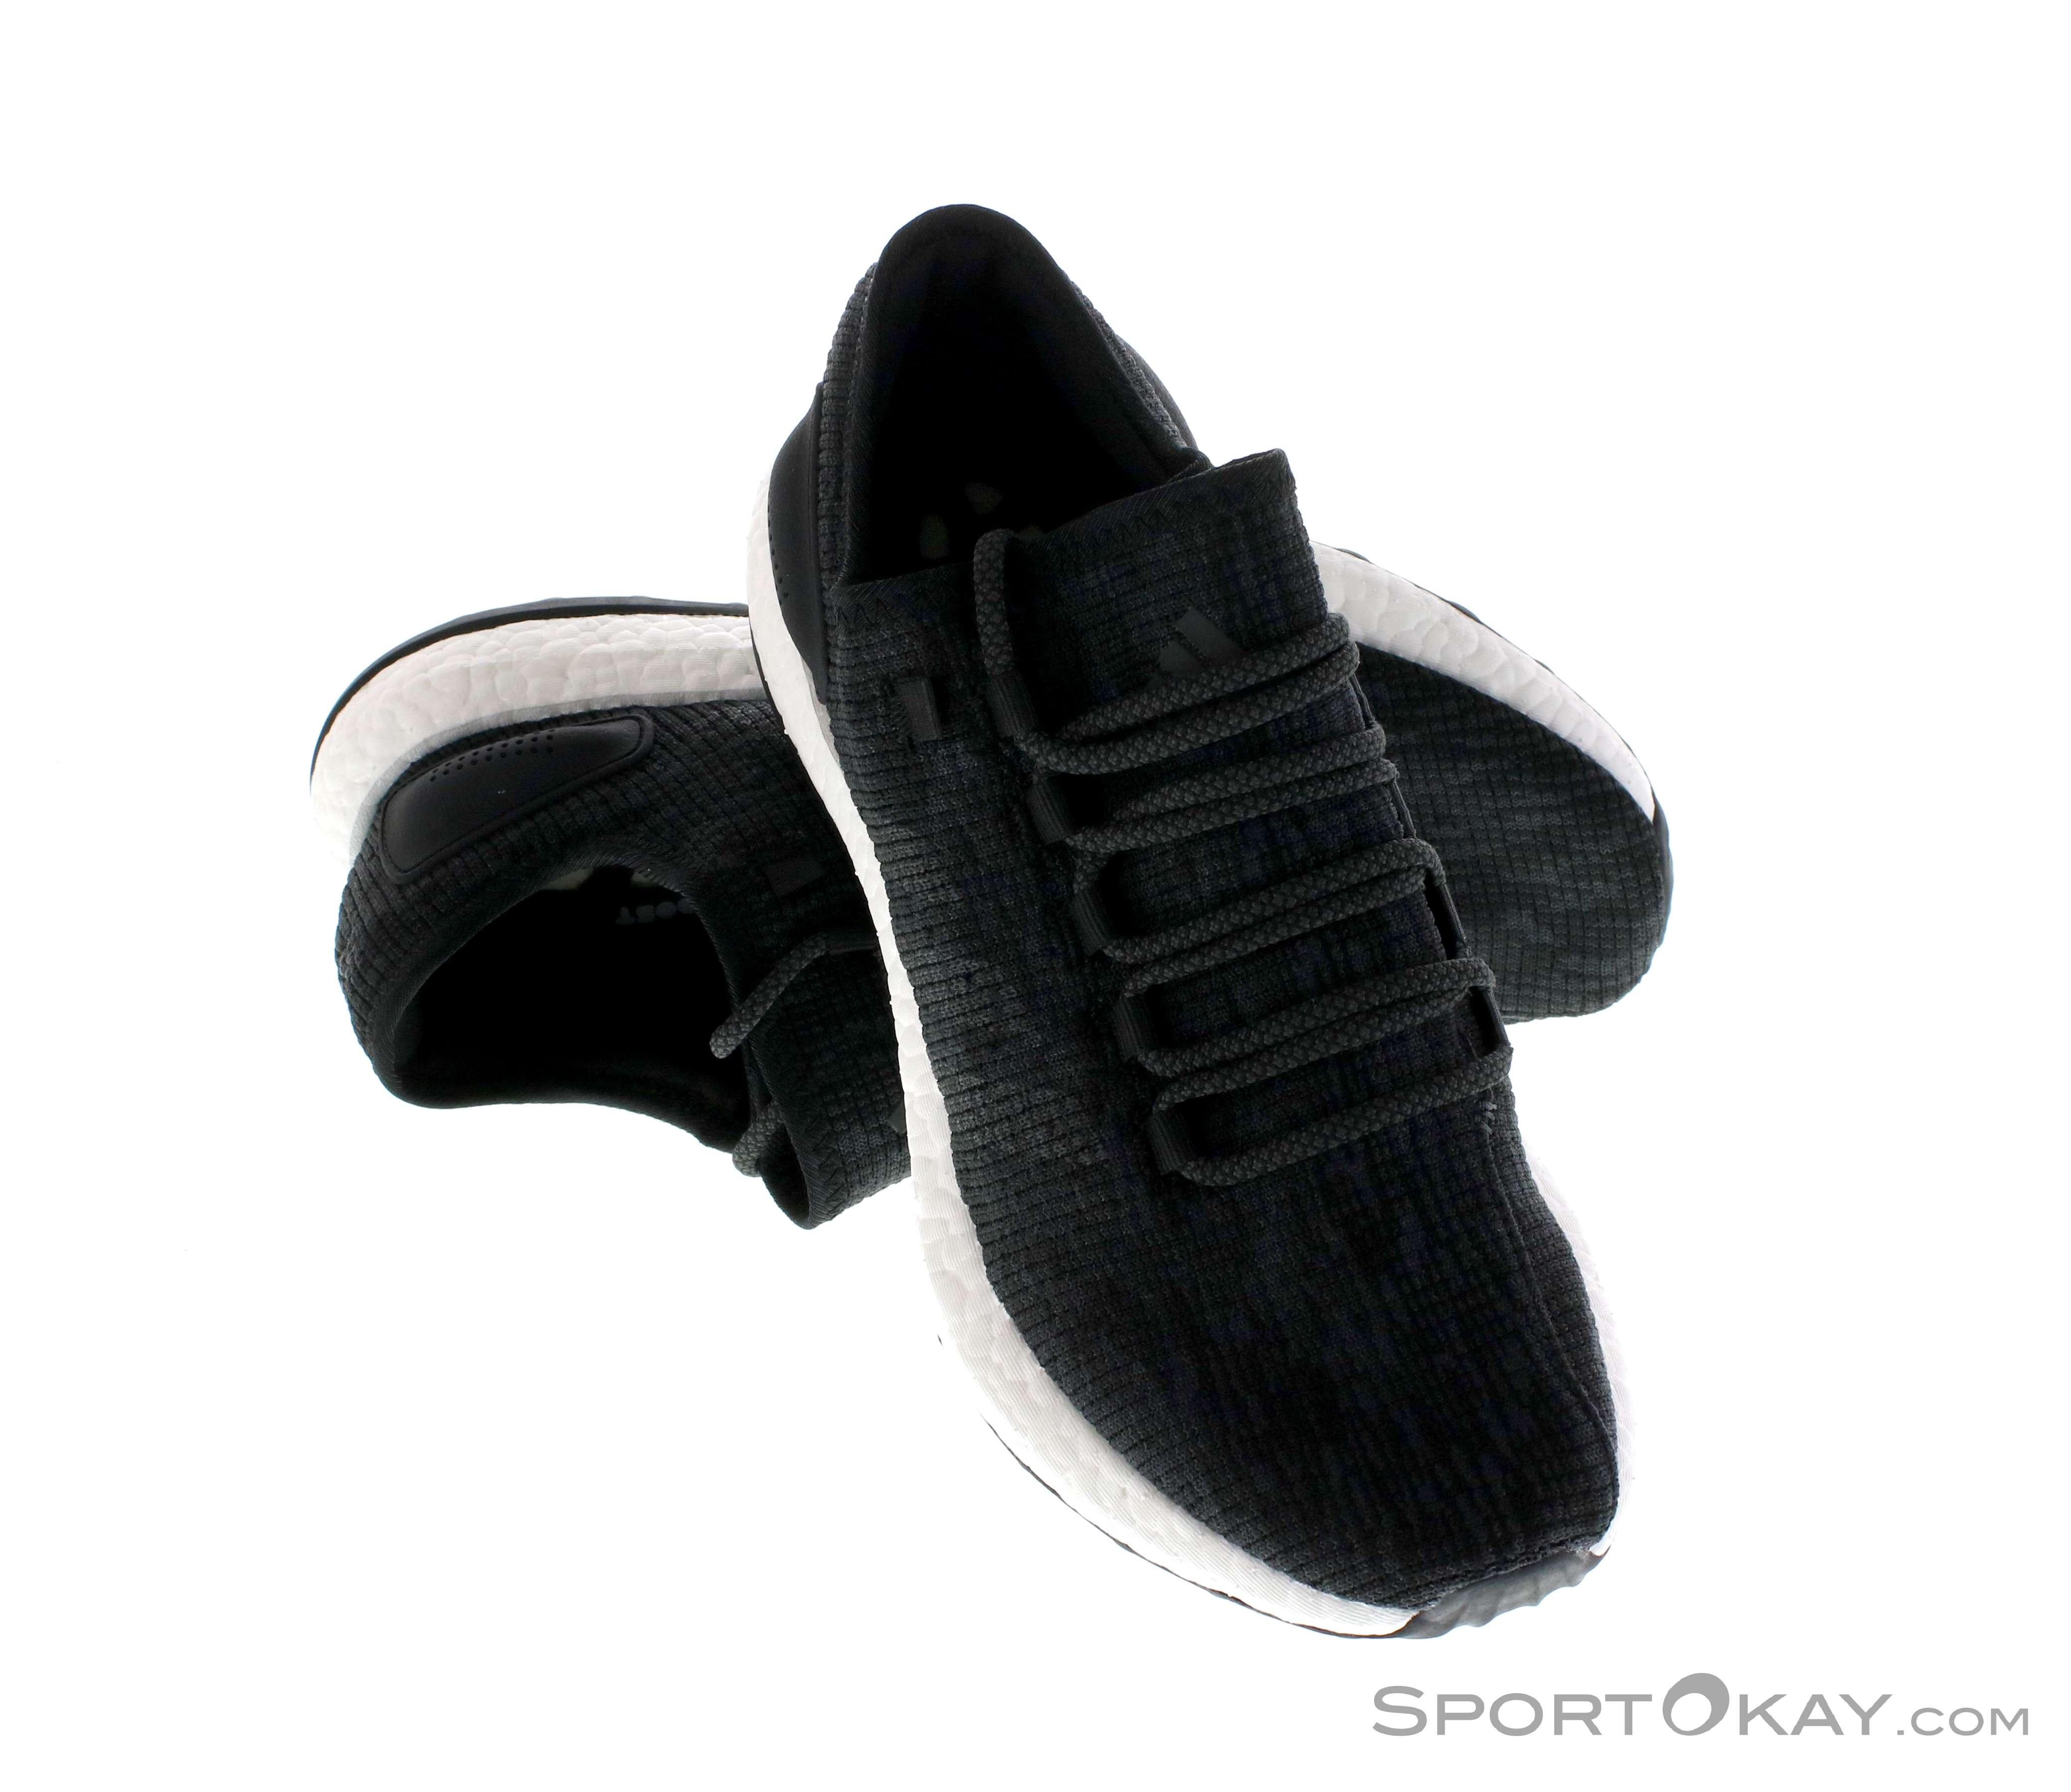 outlet store 56d25 d656c adidas PureBoost Uomo Scarpe da Corsa, adidas, Multicolore, , Uomo, 0002-